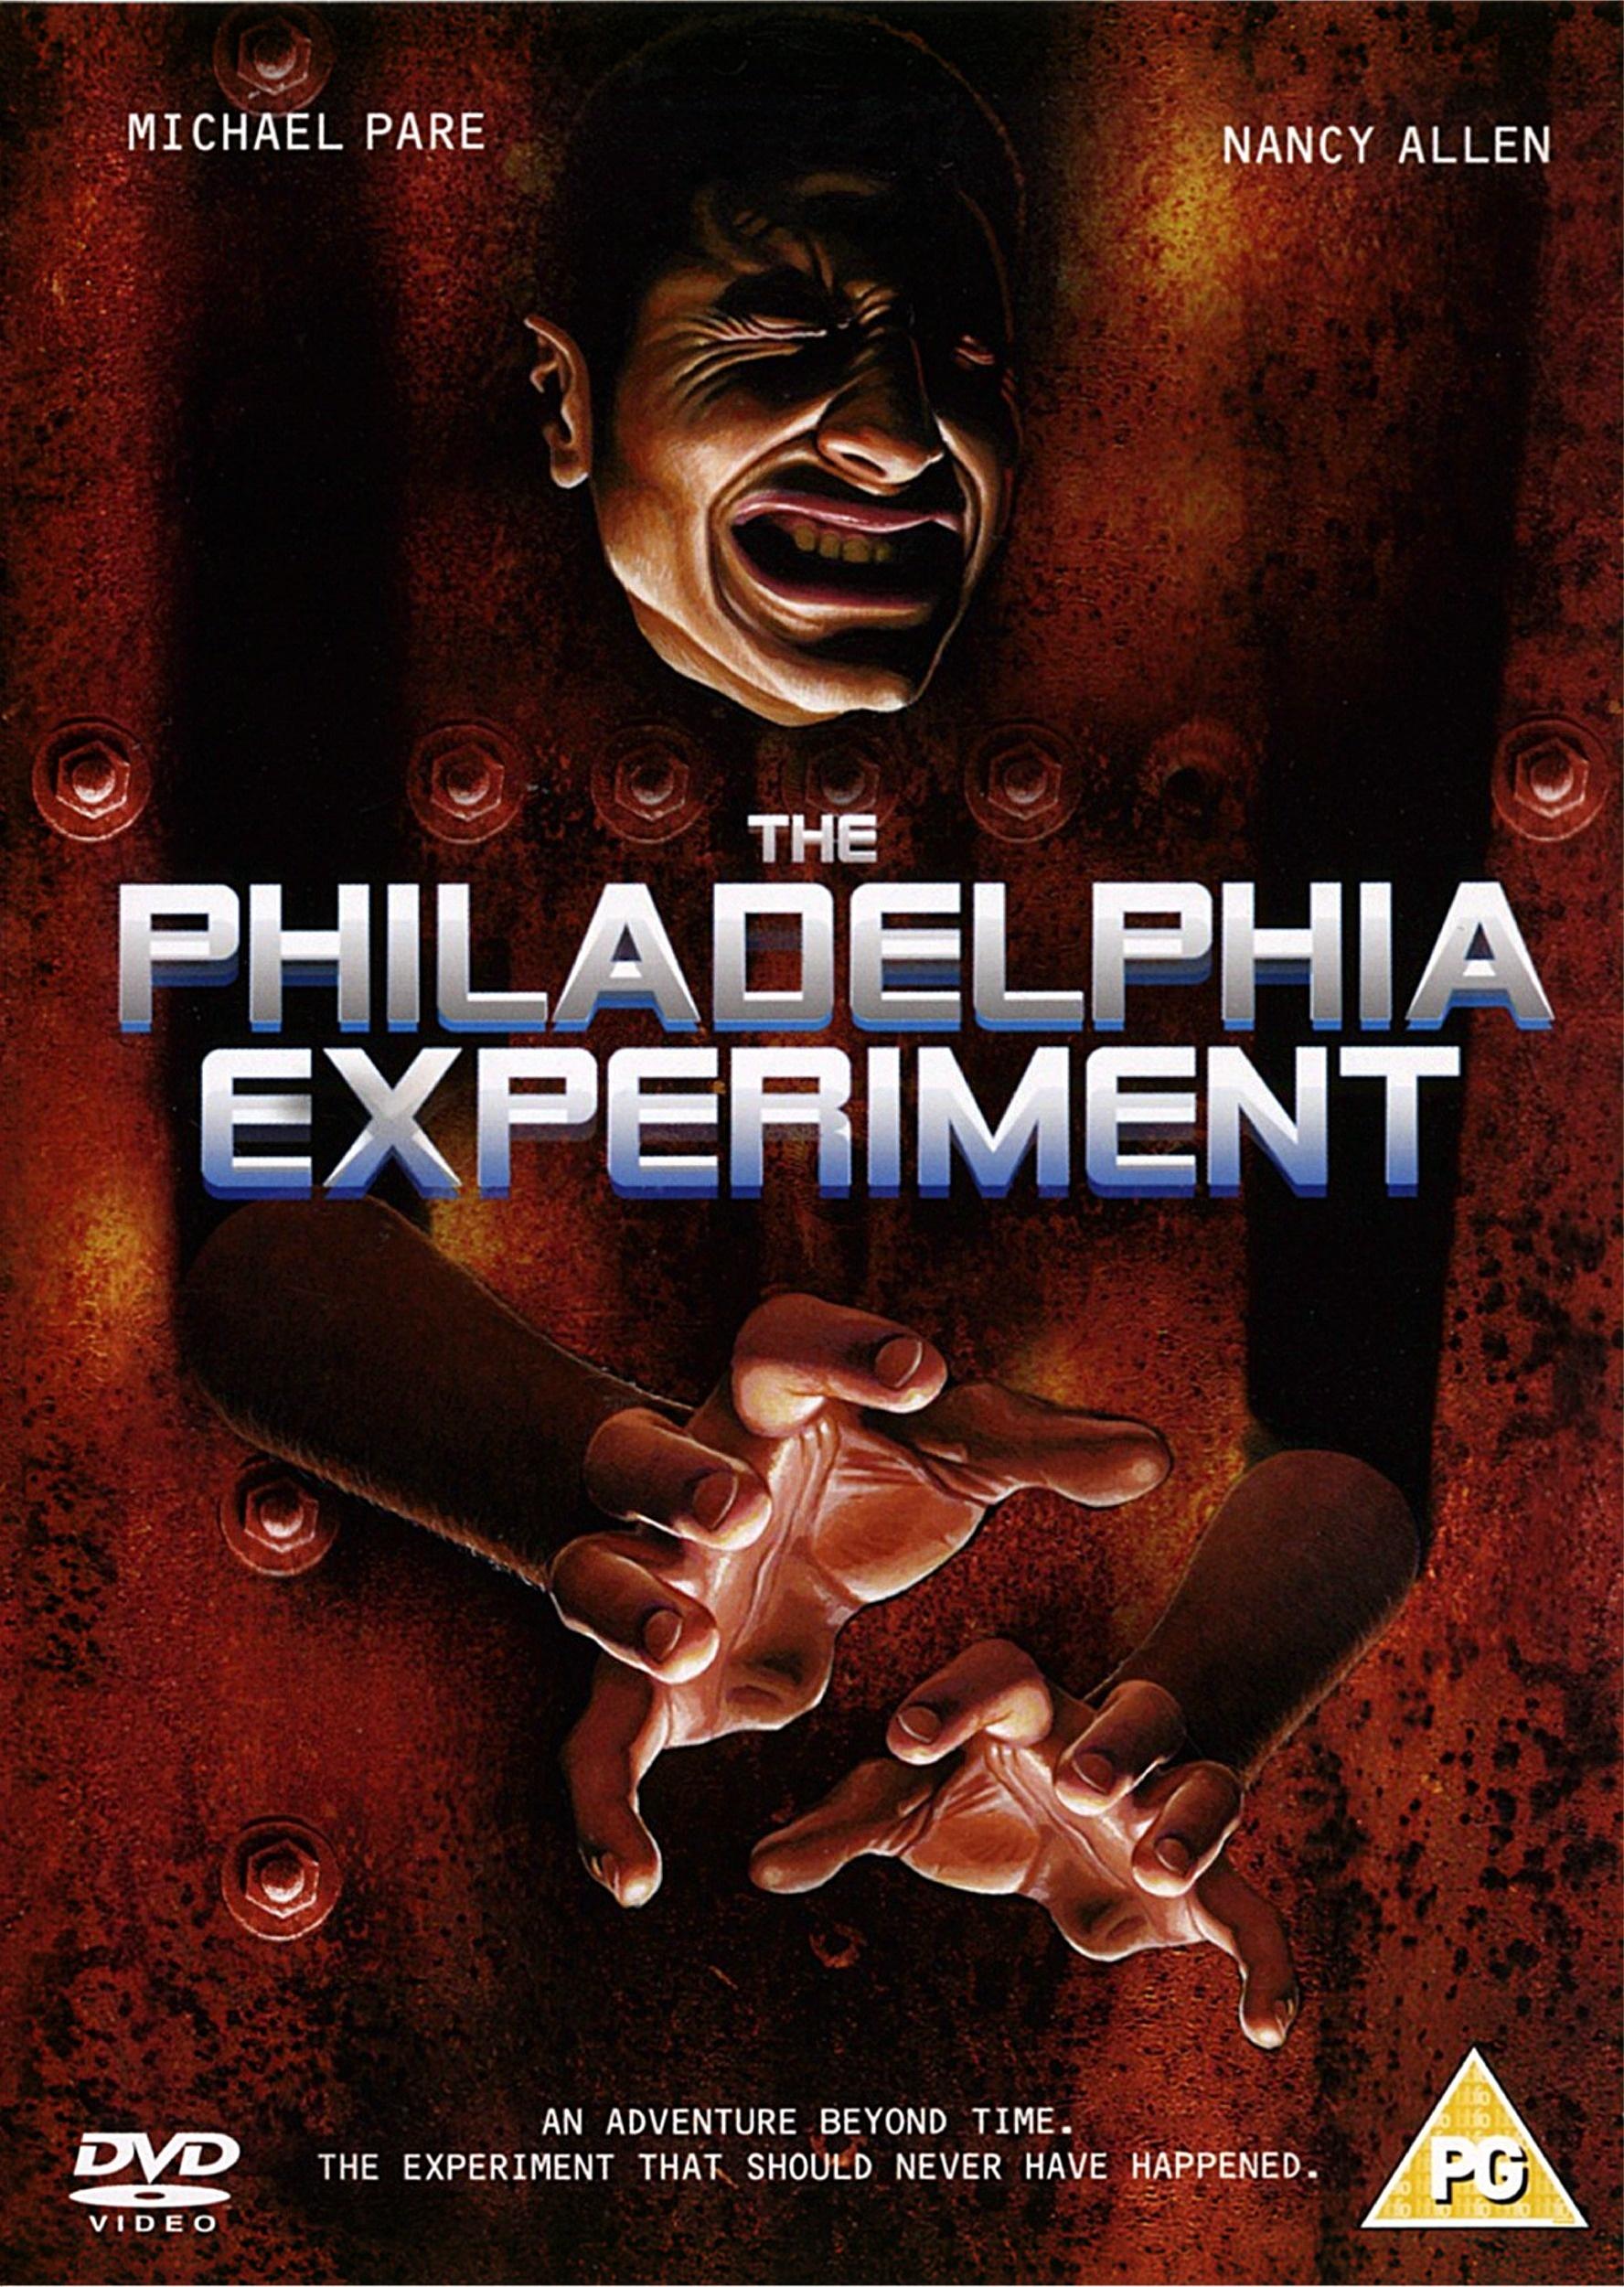 费城实验再生好看吗_蒙托克怪兽费城实验-特斯拉费城实验,科学家不敢公布的真相,蒙 ...